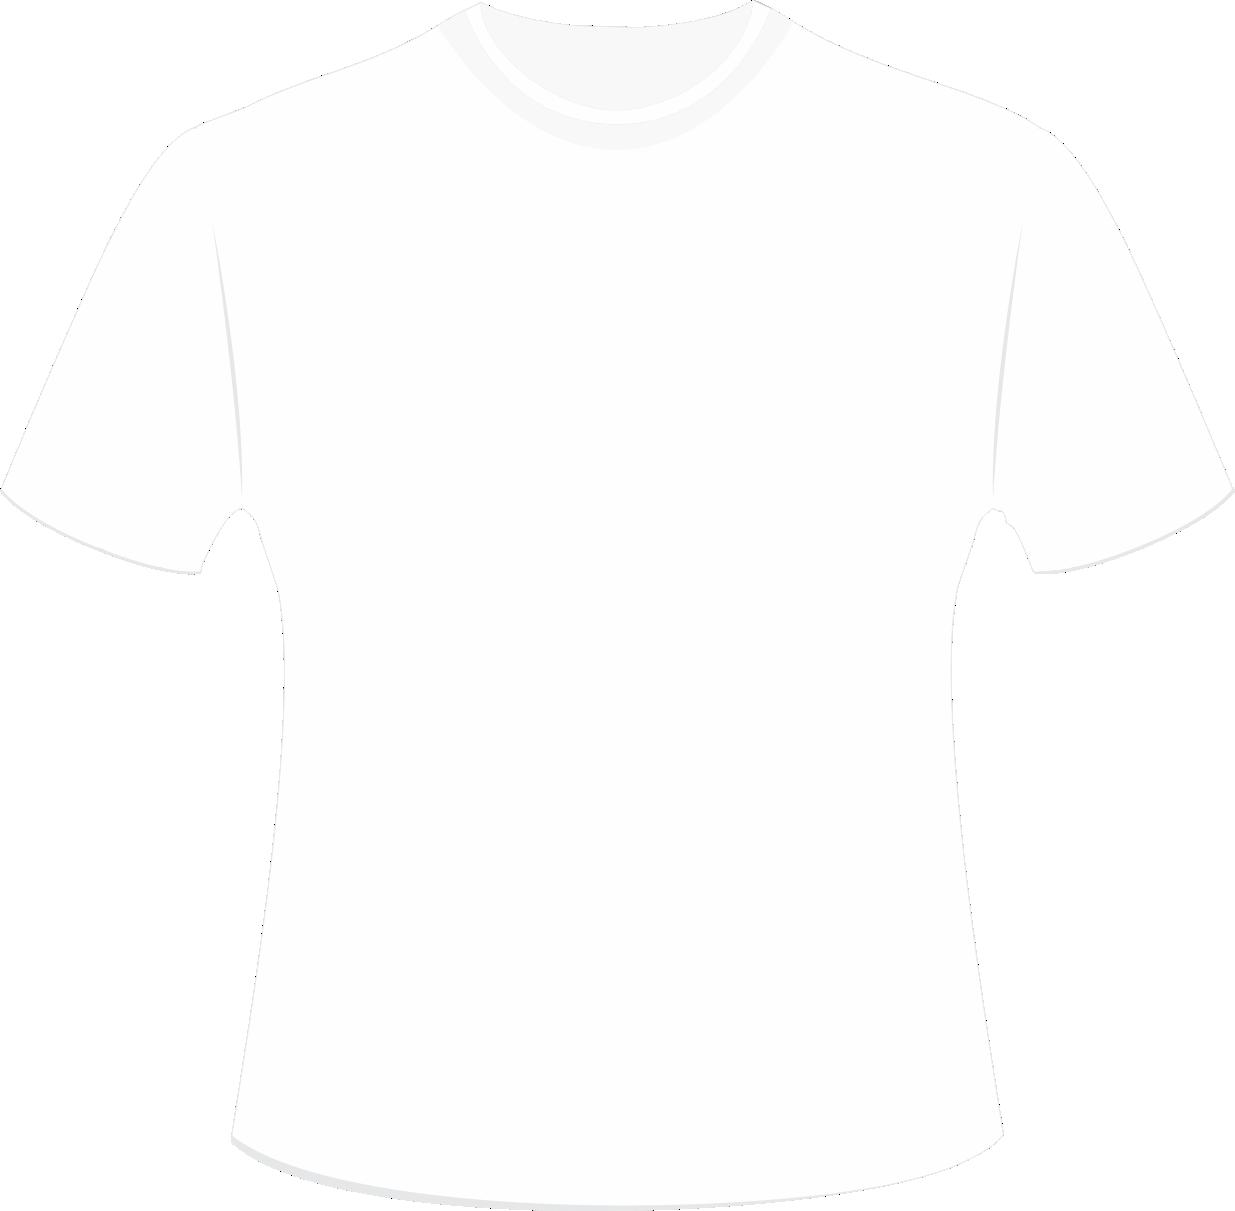 2e97c93ad8007 Mockup Camiseta Branca Editável PNG e Vetor Imagens e Moldes